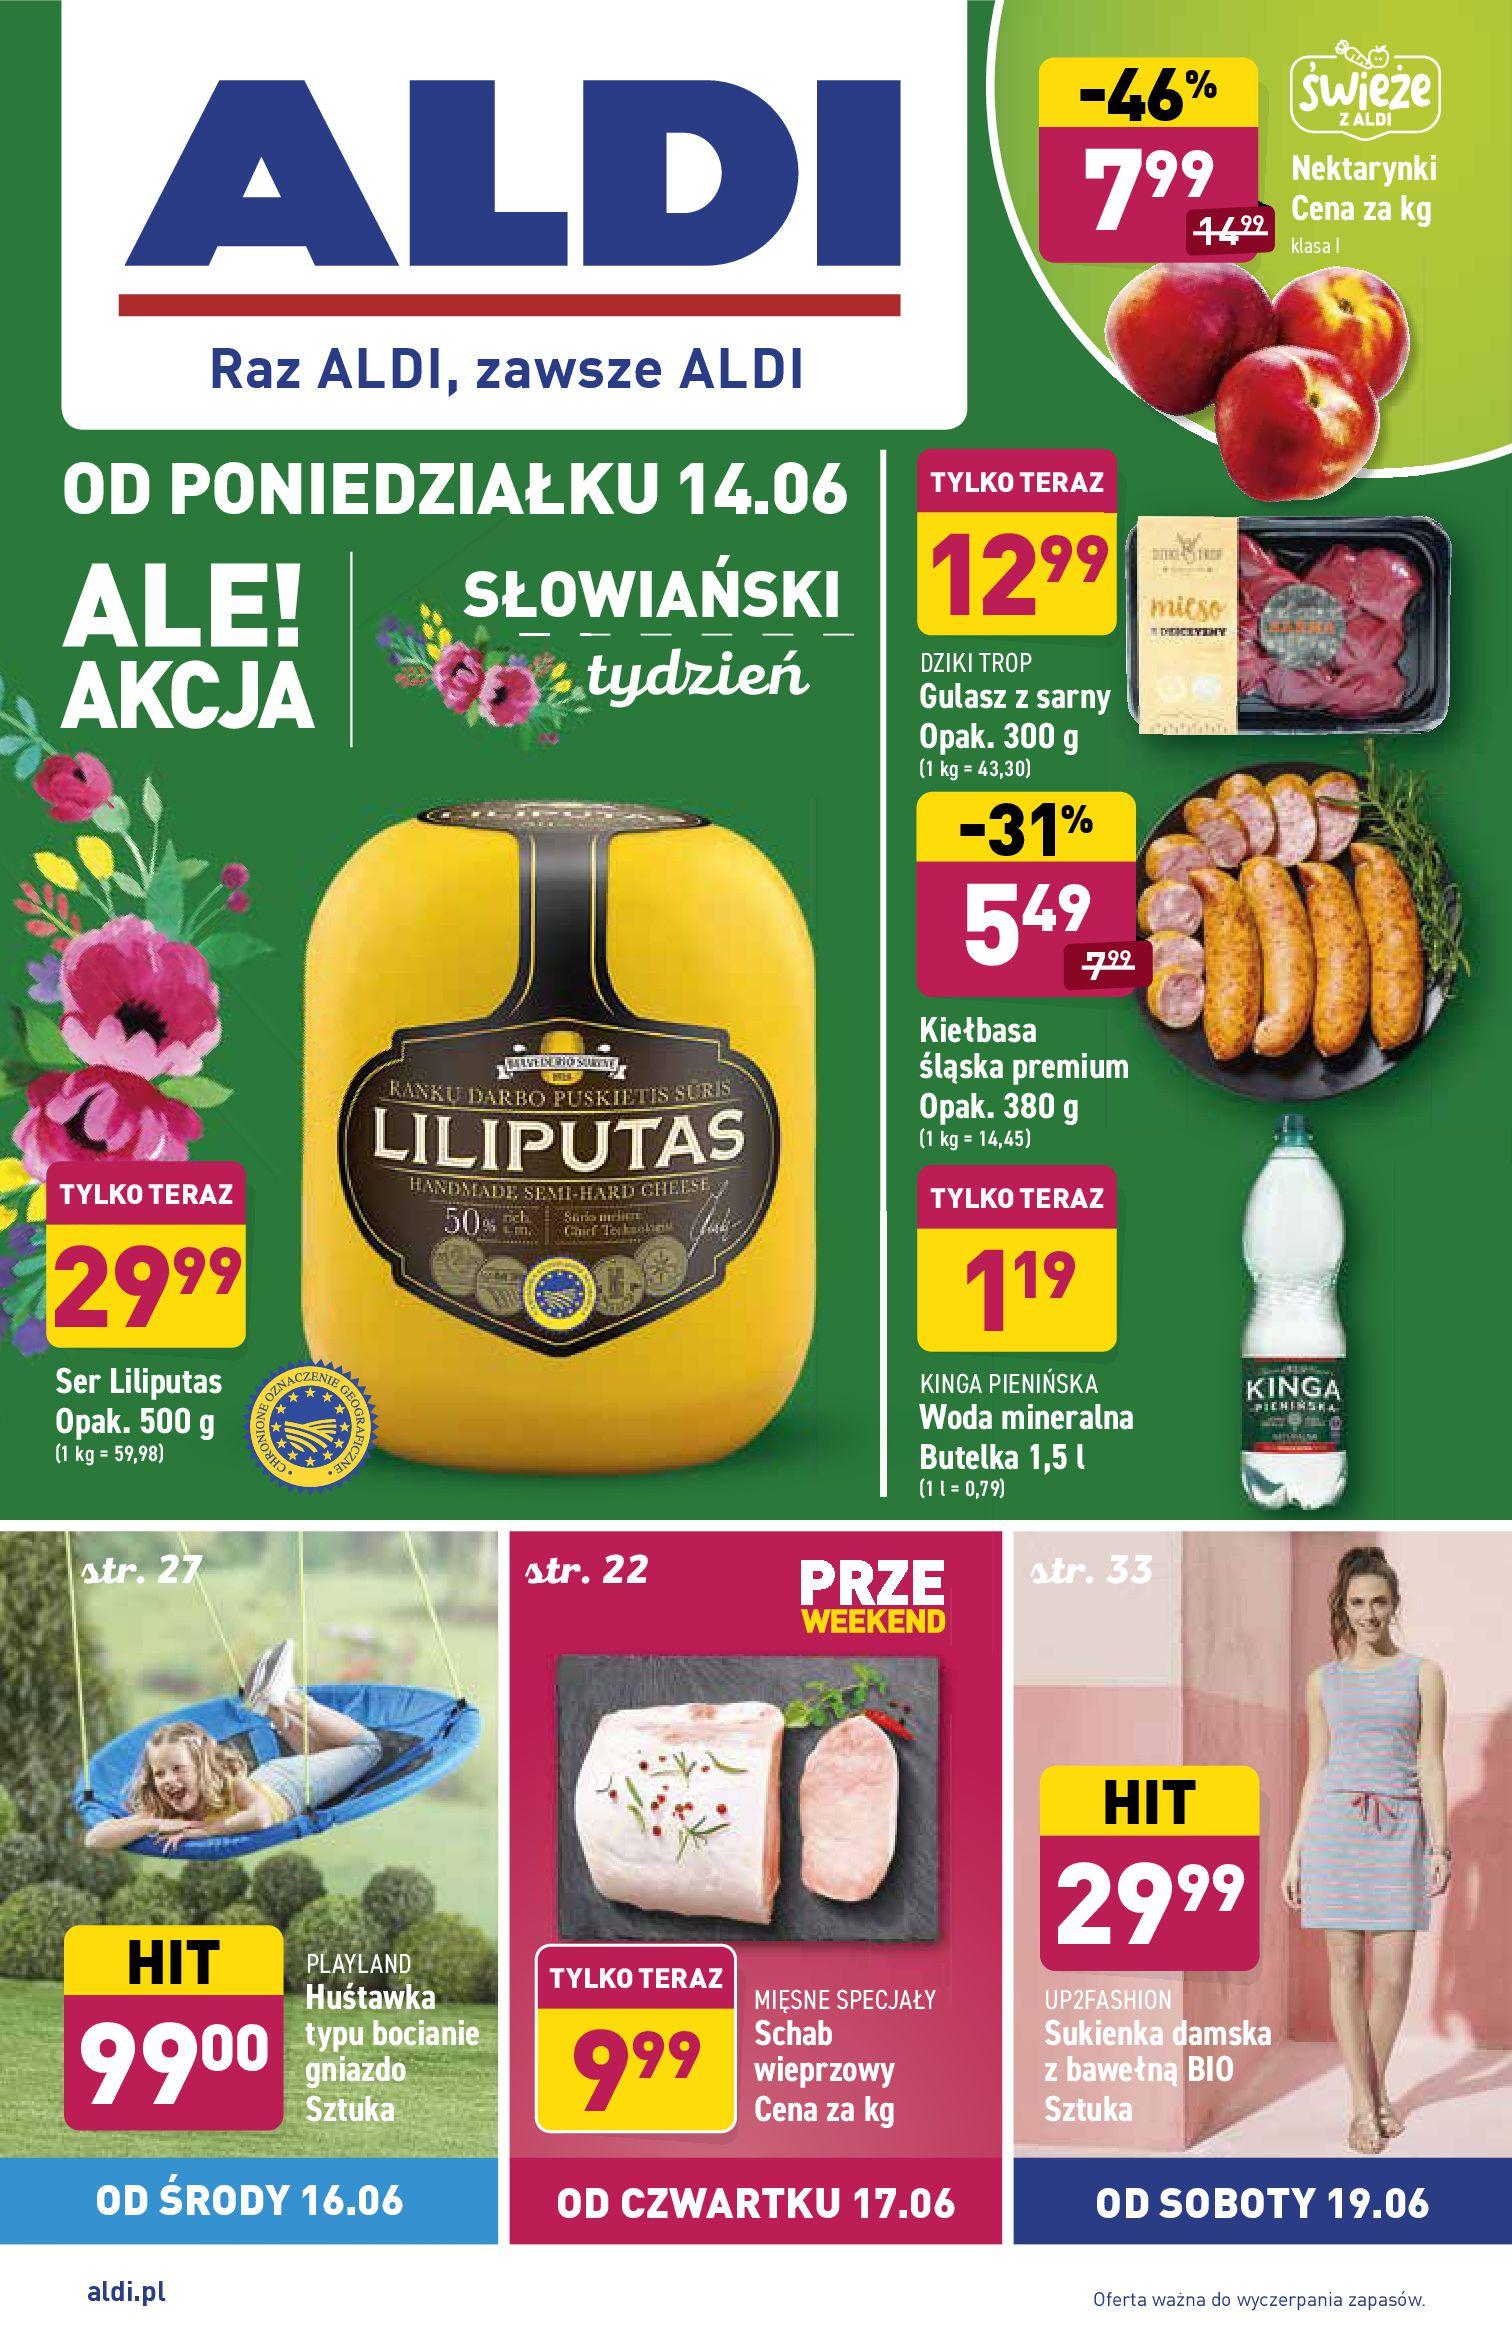 Aldi:  Gazetka Aldi - Słowiański tydzień 13.06.2021